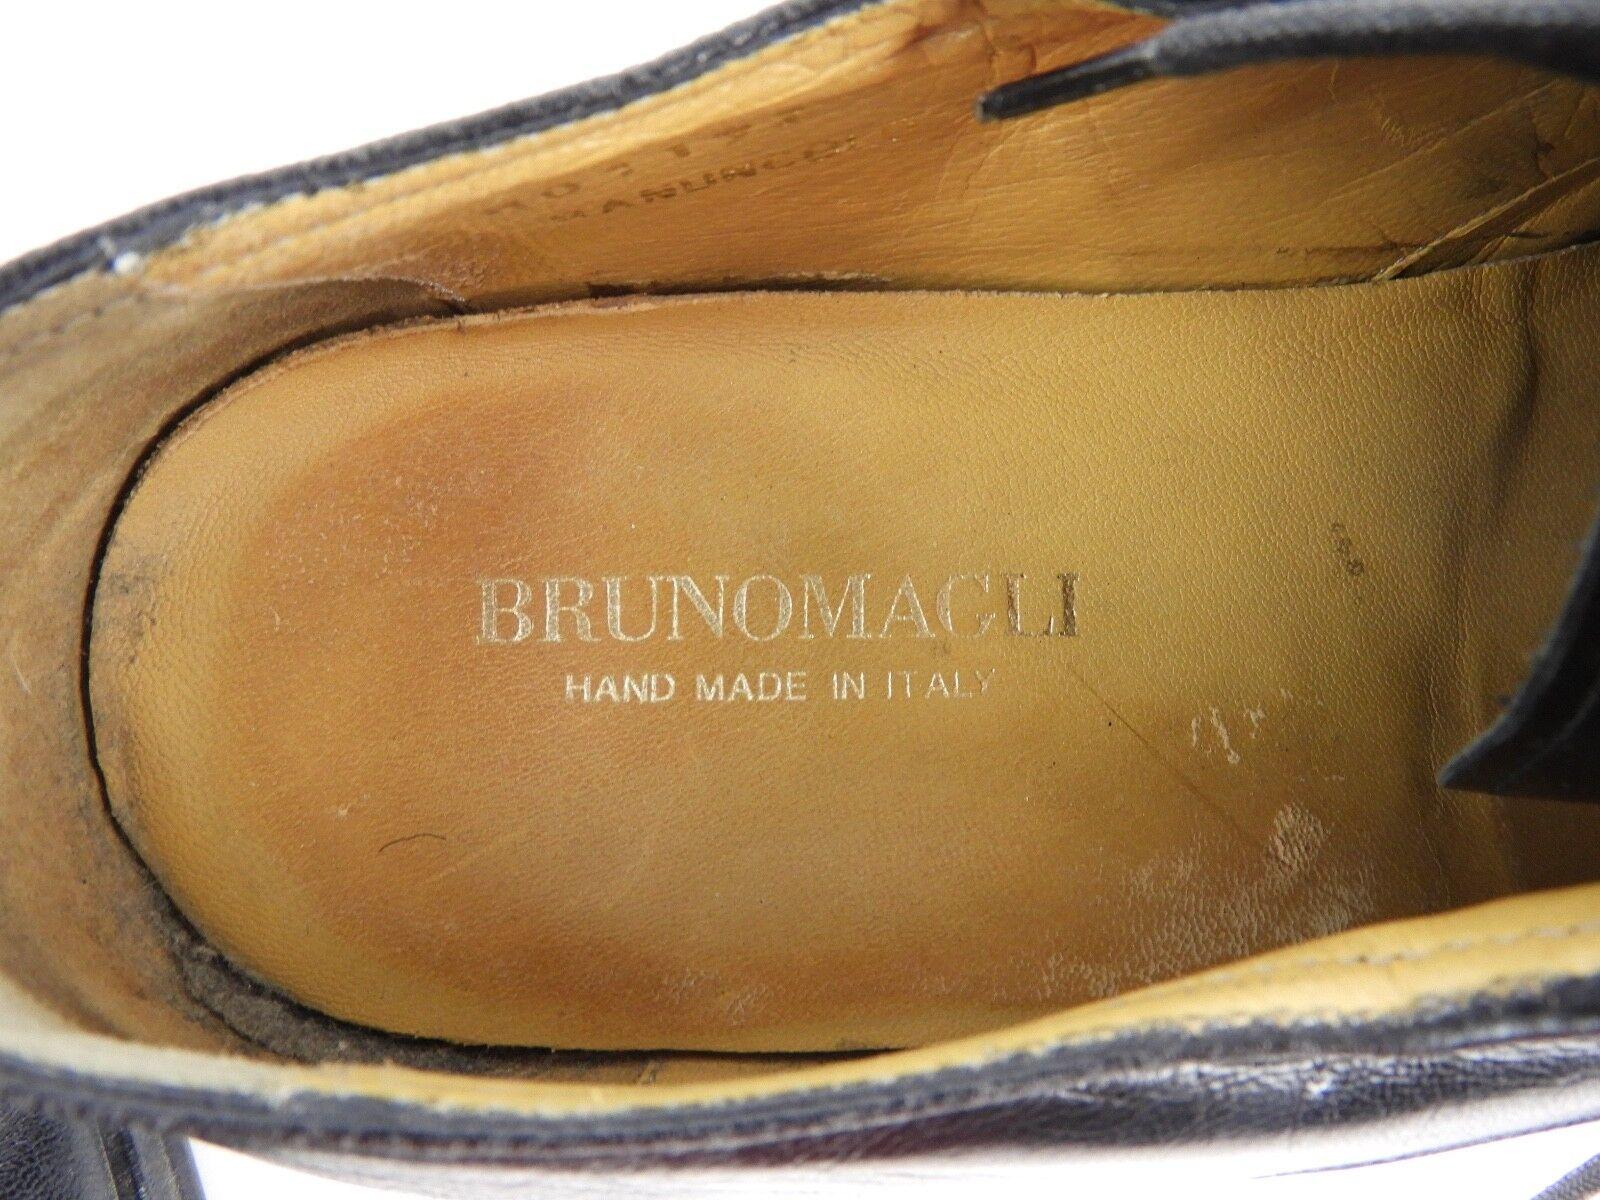 Bruno Magli Banuncolo Uomo 4-eye Nero Oxfords Italy 9 M Non-Slip Soles 4-eye Uomo Lace 2d2f9d